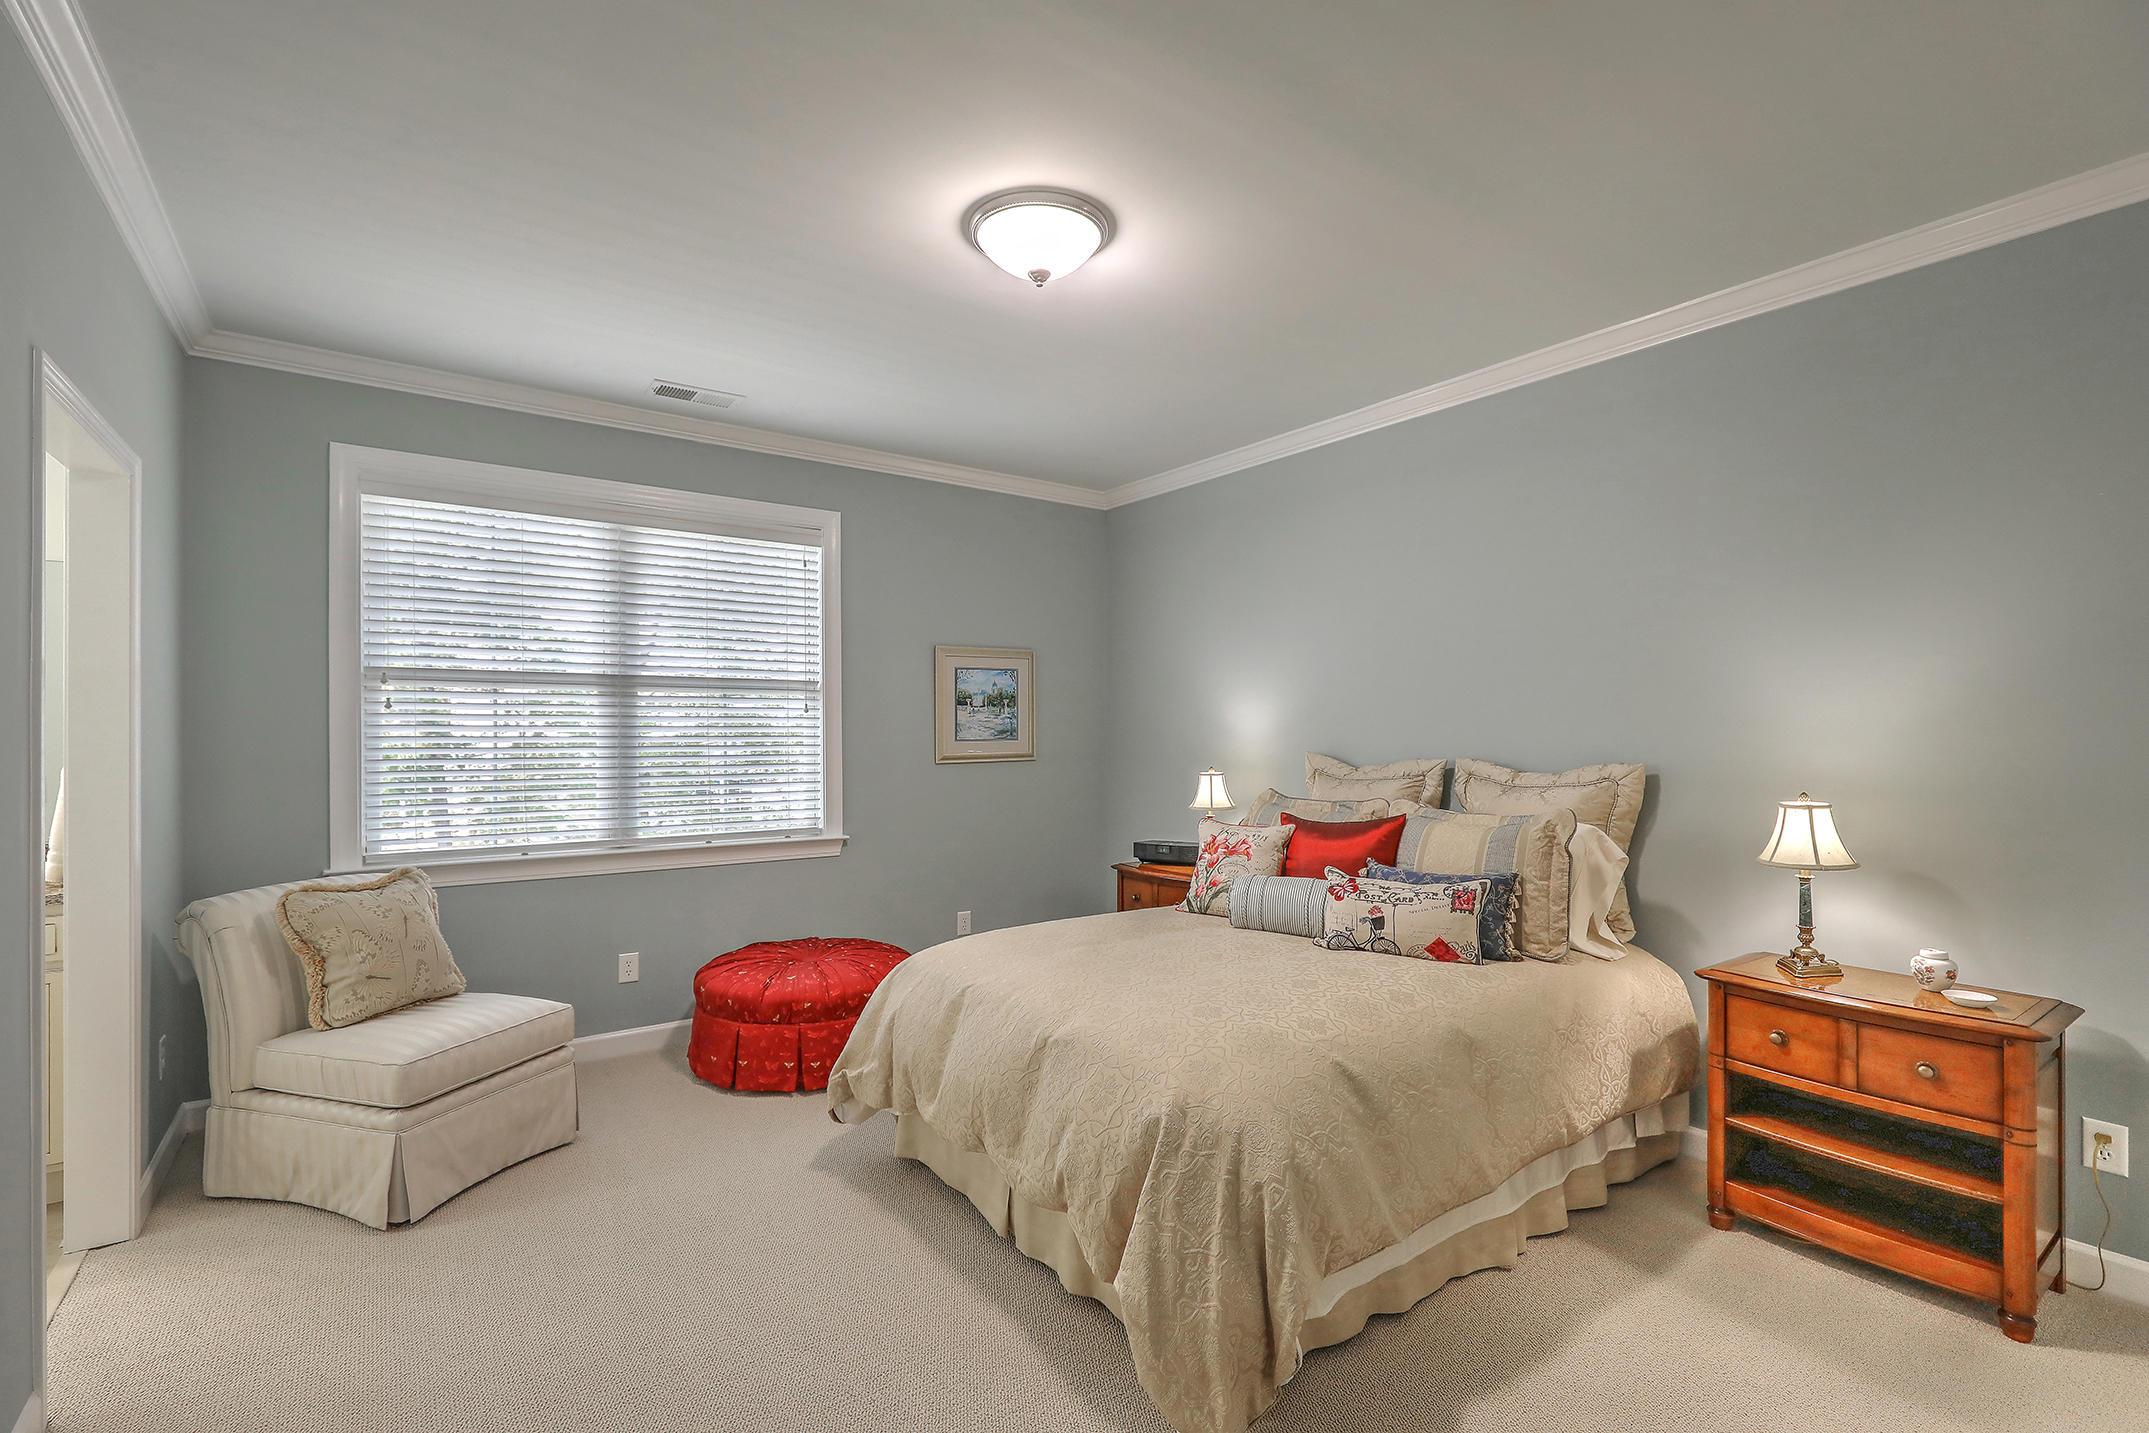 Park West Homes For Sale - 2108 Malcolm, Mount Pleasant, SC - 46